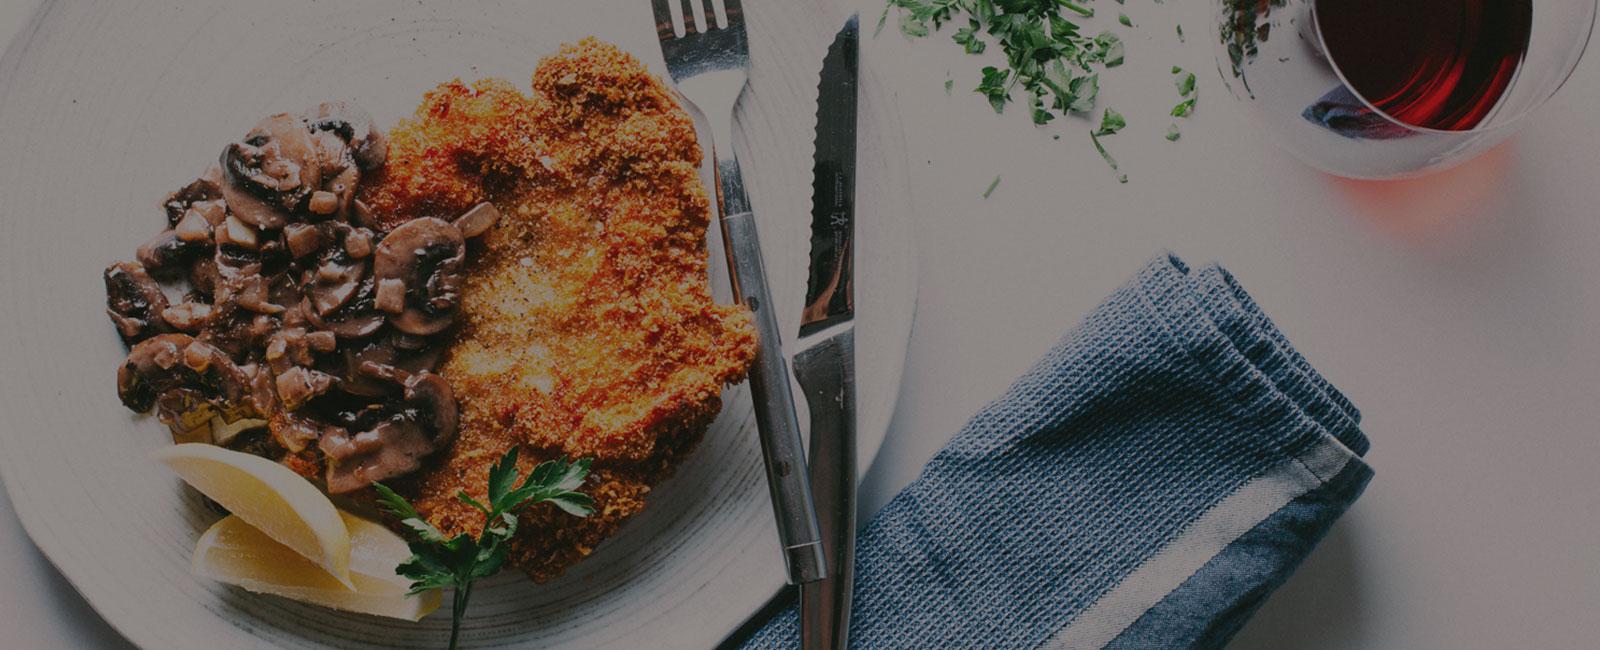 Pork Schnitzel + Mushroom Sauce